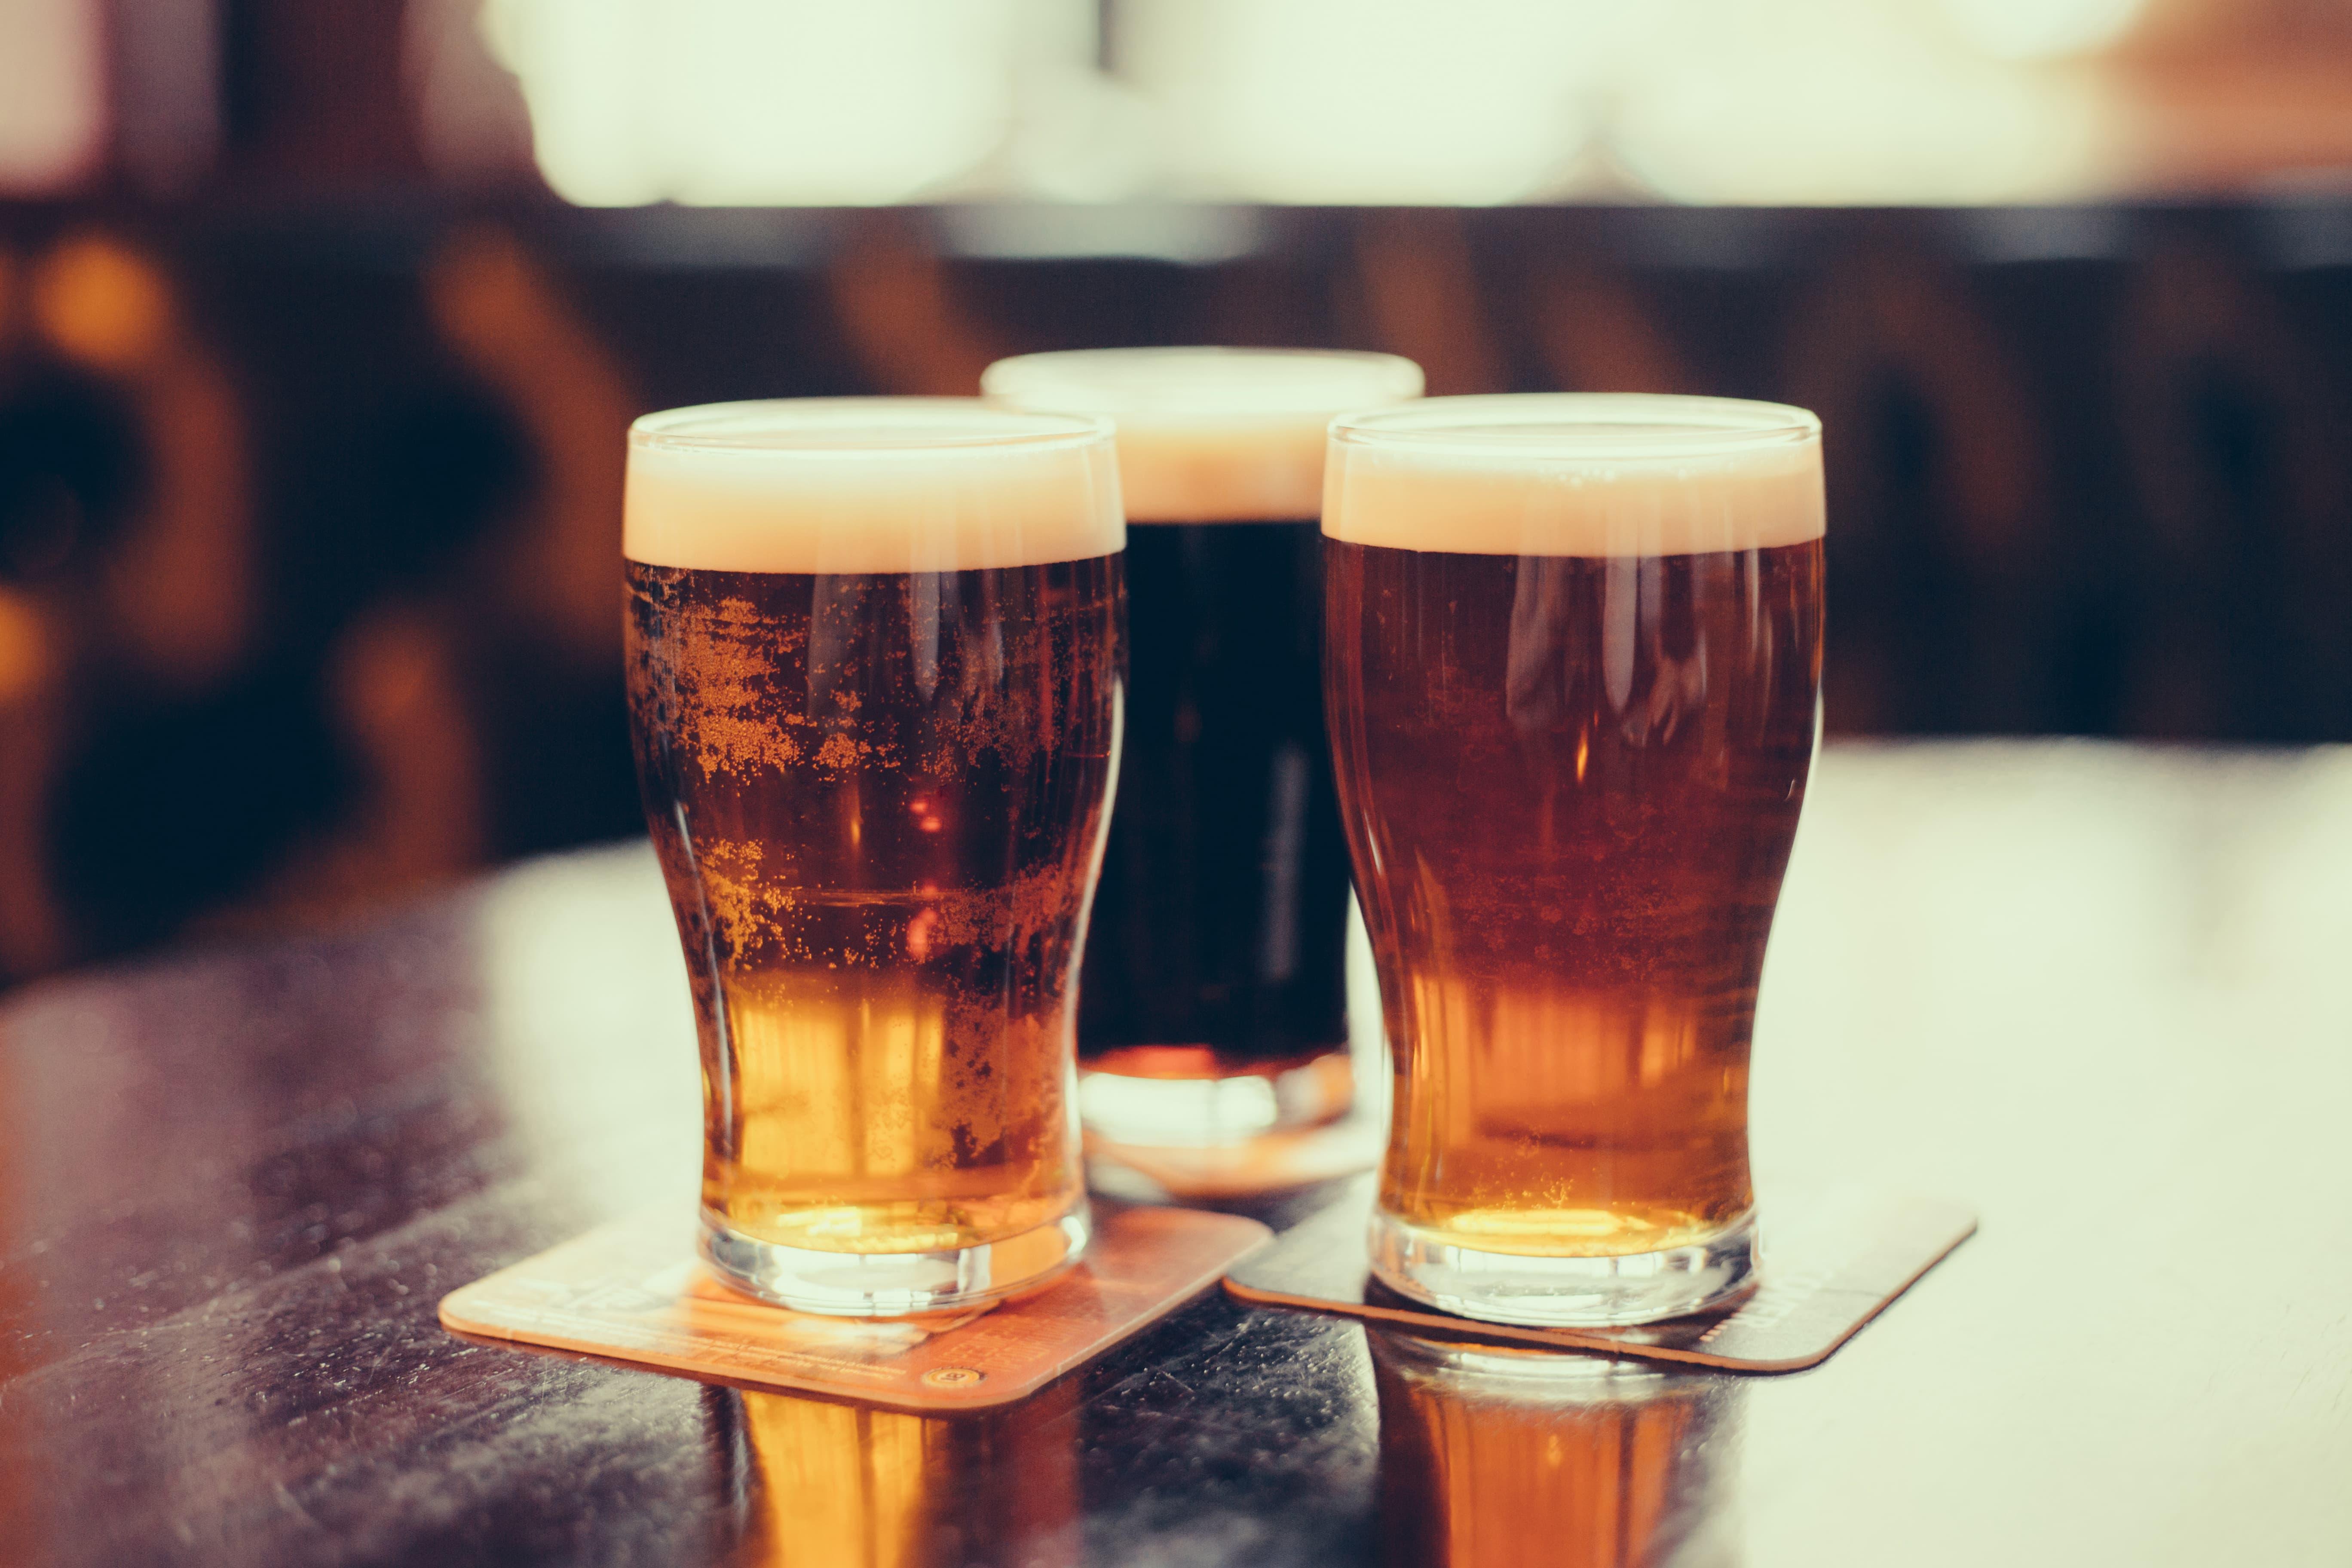 Bom de copo: As nuances da cerveja artesanal